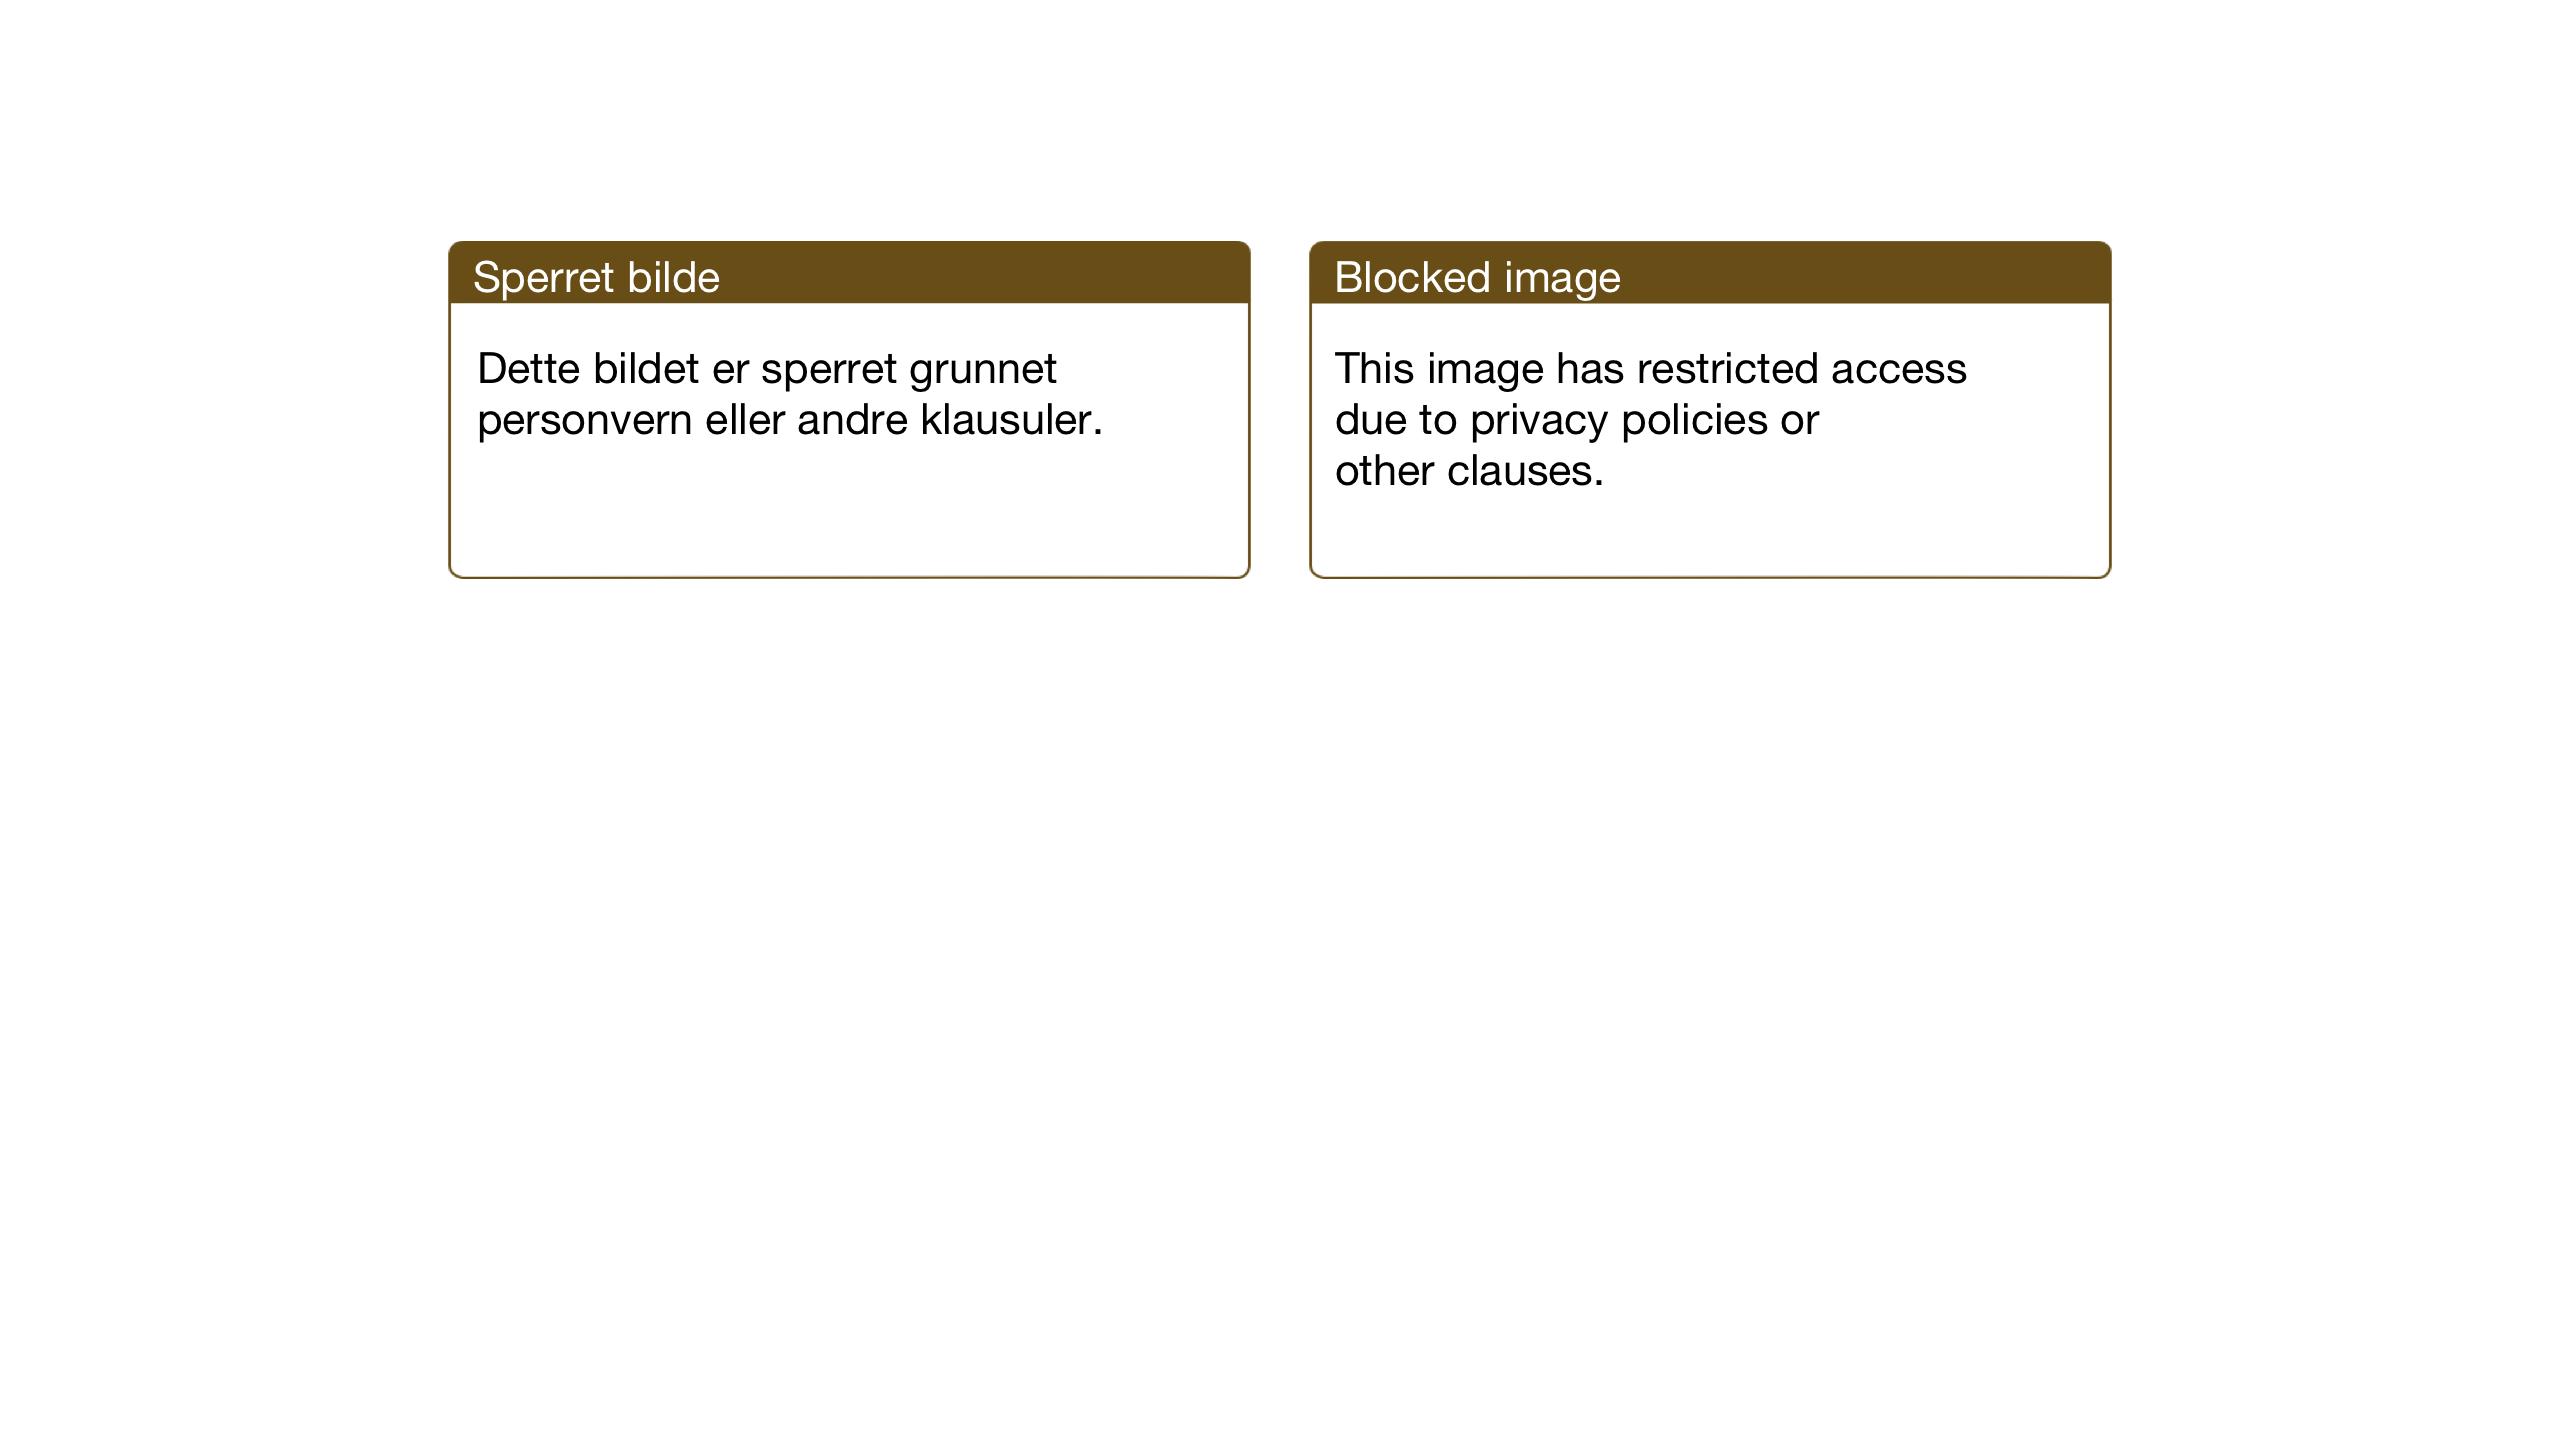 SAT, Ministerialprotokoller, klokkerbøker og fødselsregistre - Sør-Trøndelag, 655/L0689: Klokkerbok nr. 655C05, 1922-1936, s. 67